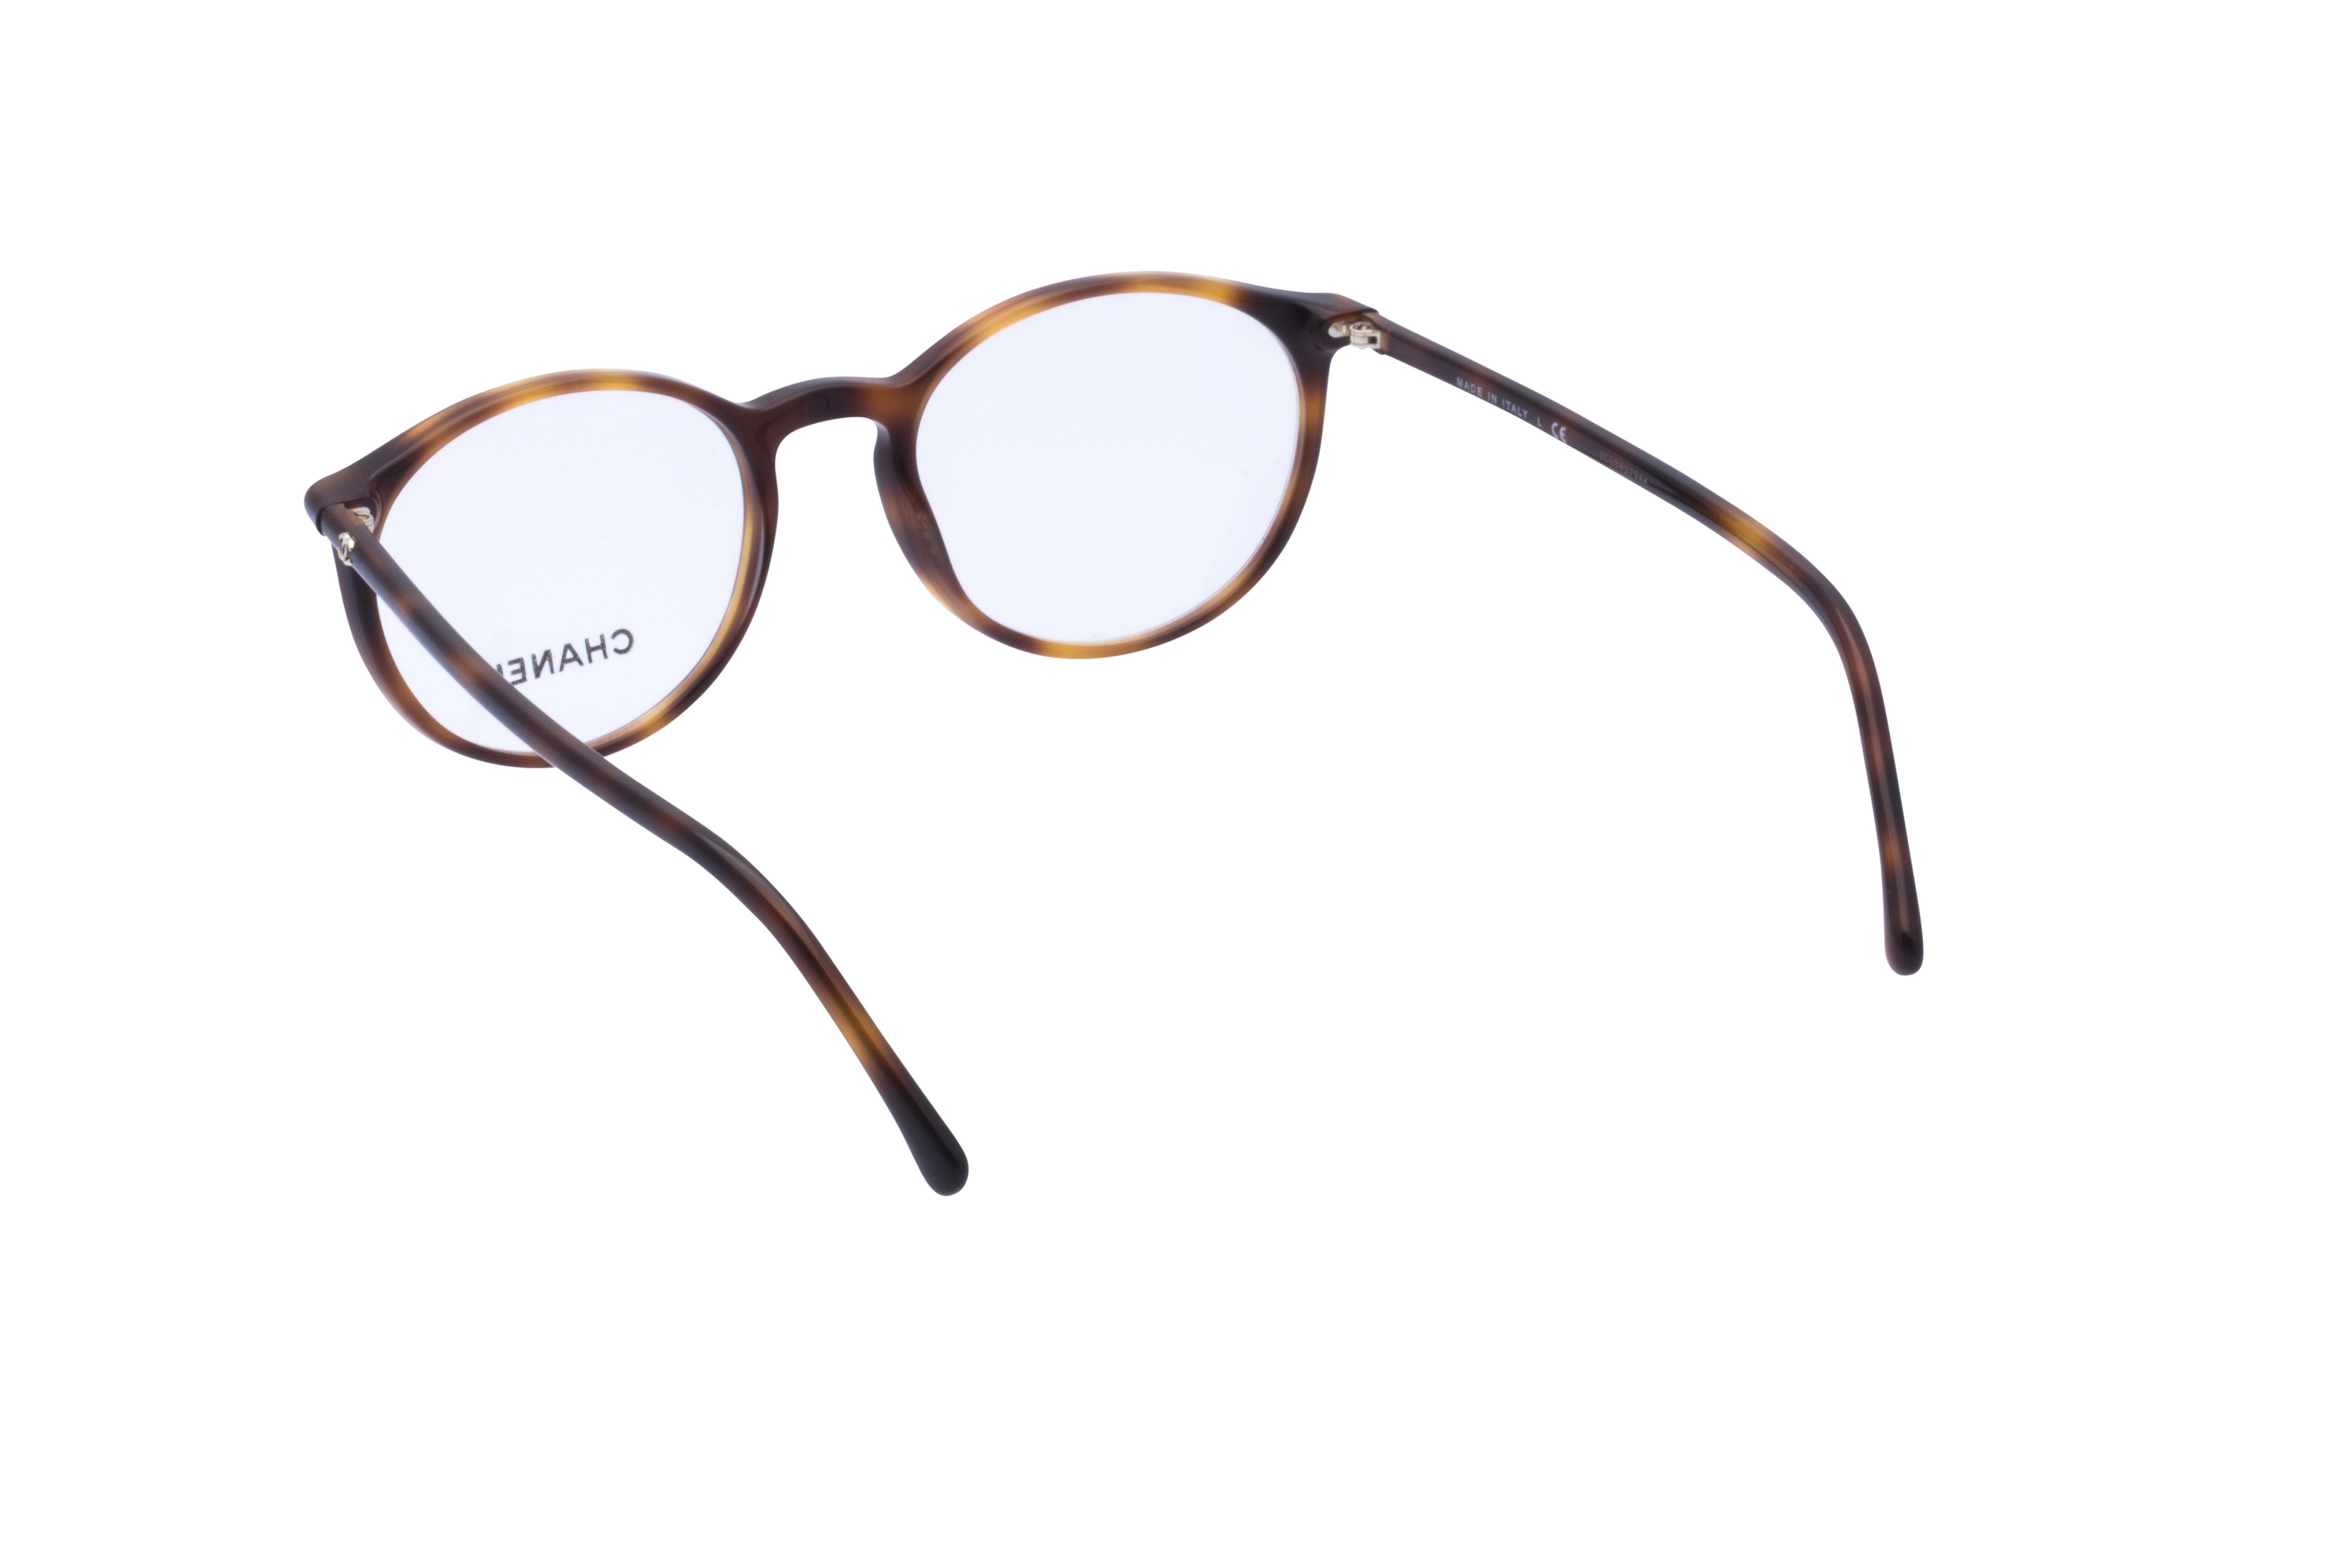 360 Grad Ansicht 14 Chanel 3372 Frontansicht, Brille auf Weiß - Fassung bei KUNK